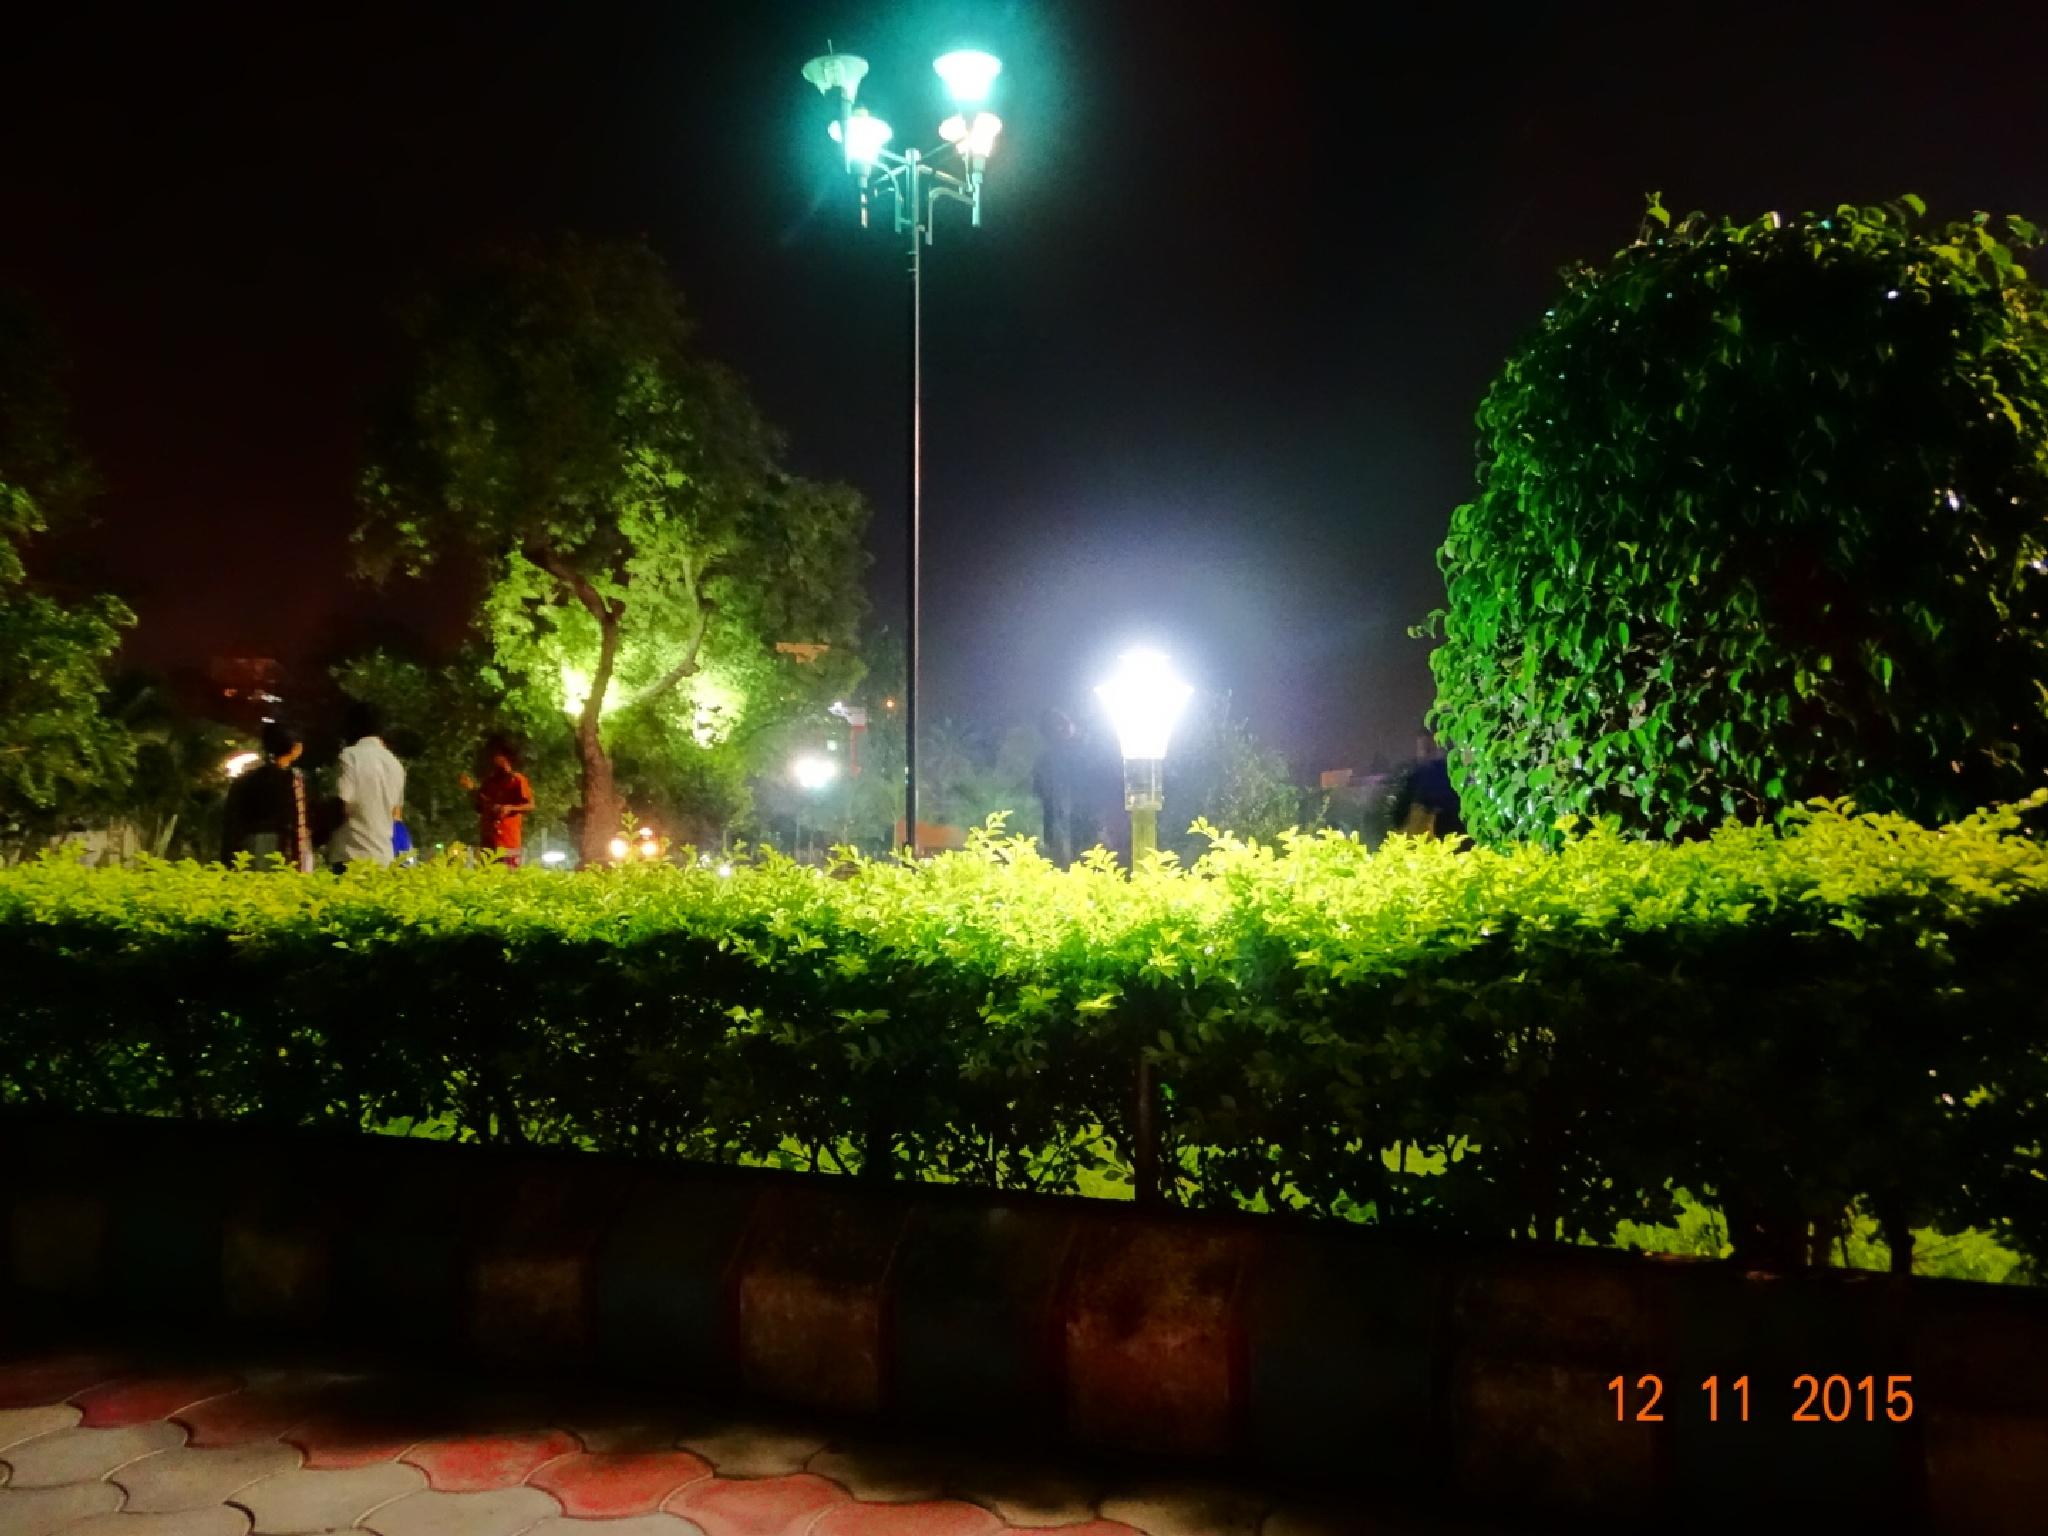 night lighting only by Dastagirnabi